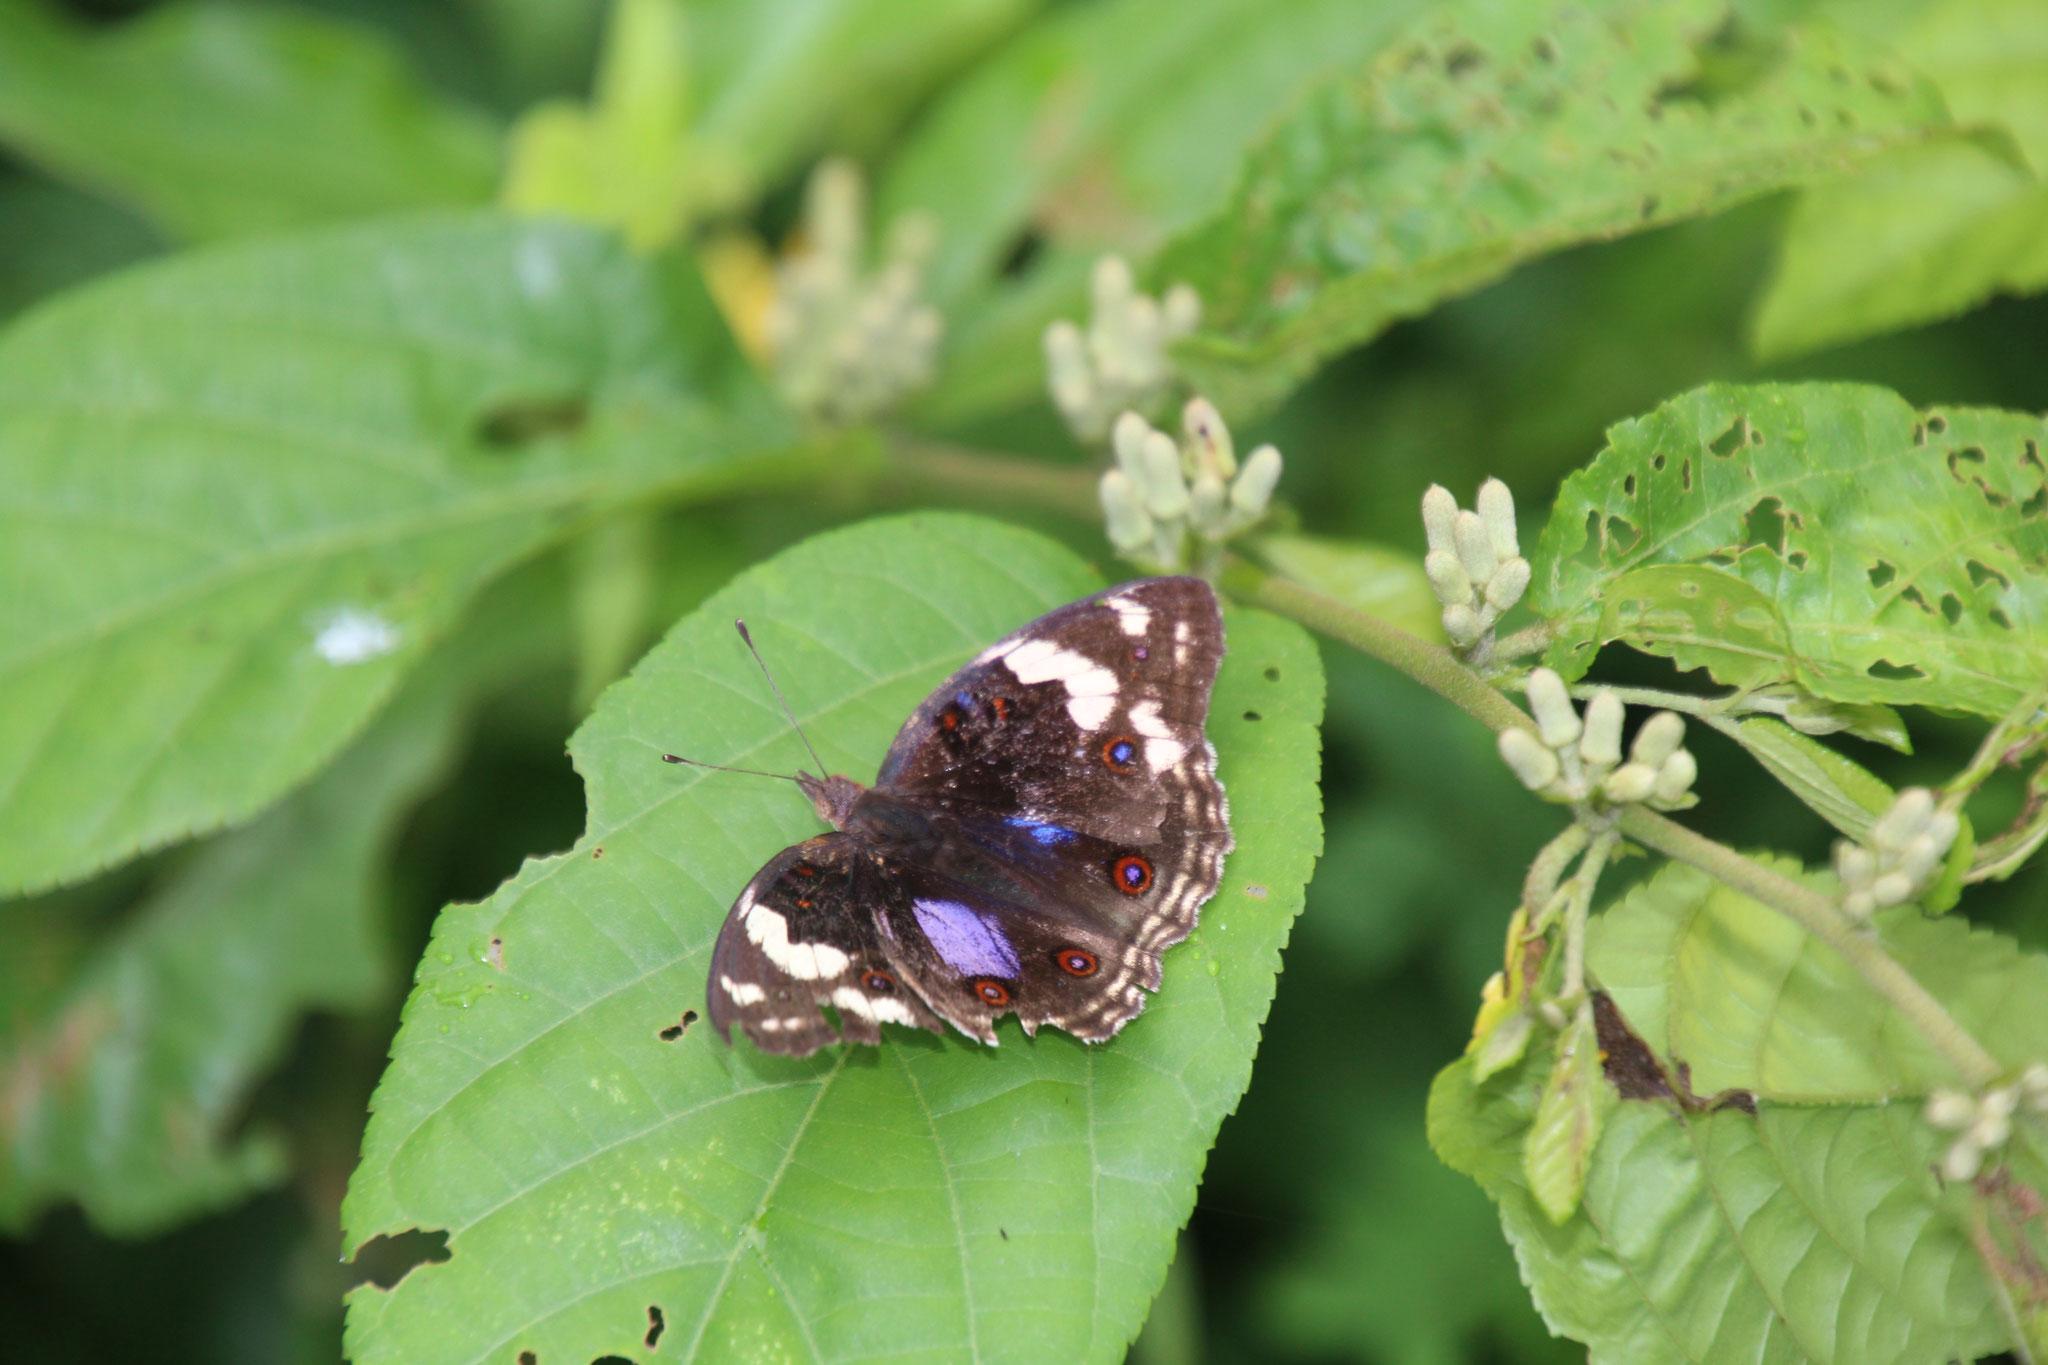 Dieser etwas lädirte Schmetterling ruht sich aus.